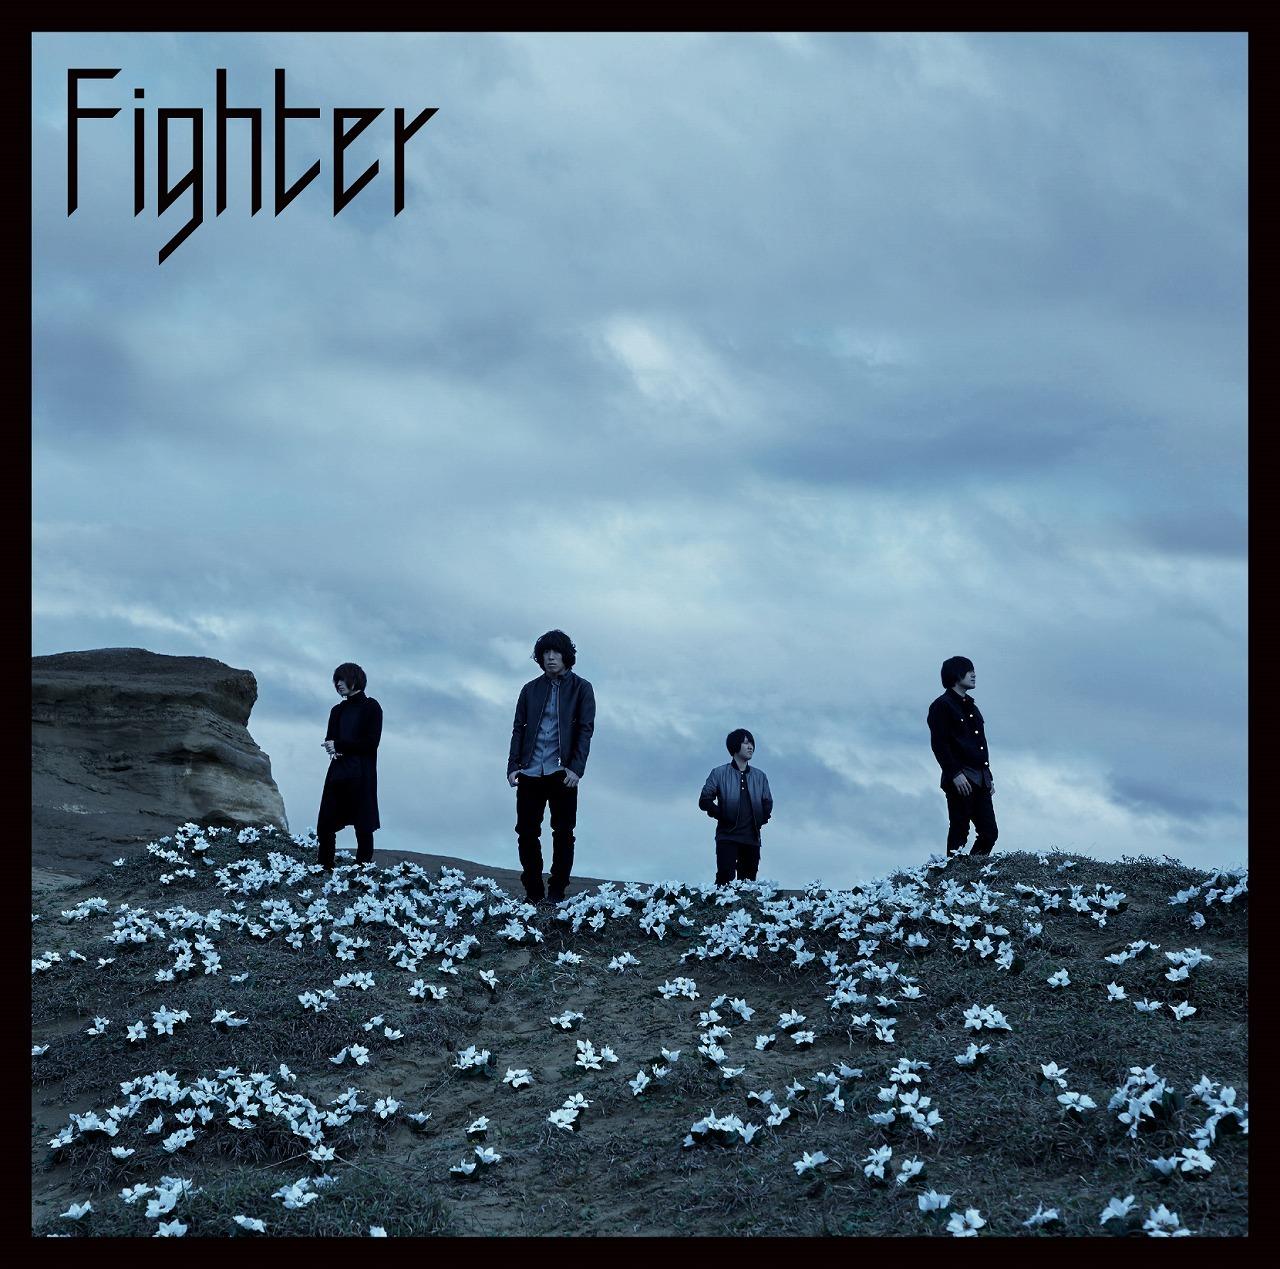 「Fighter」通常版ジャケット